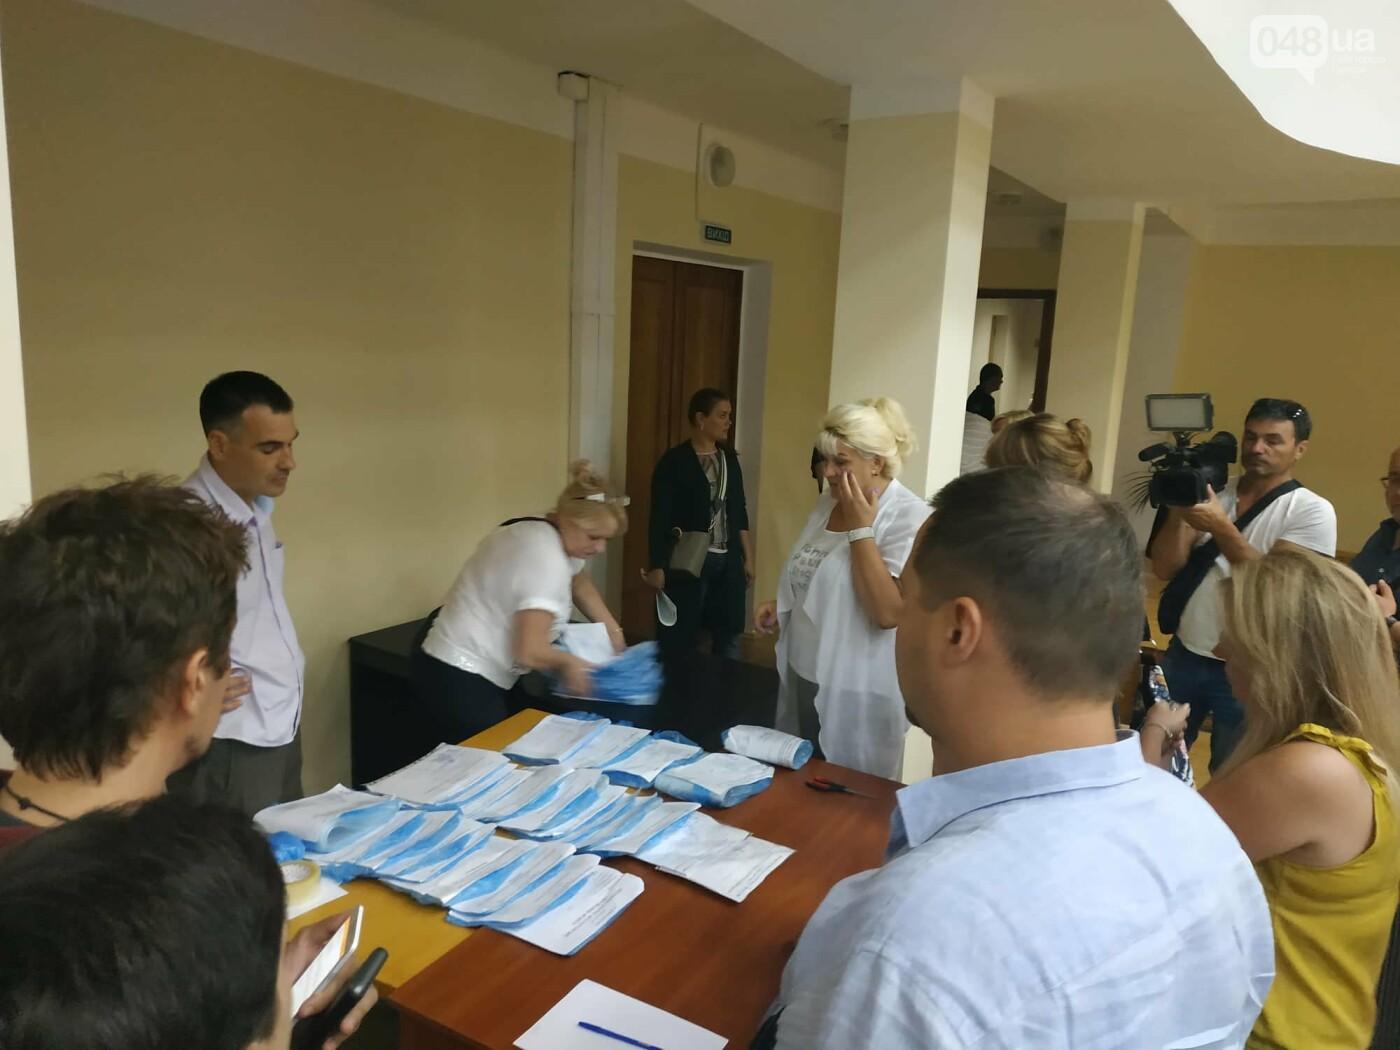 Как прошла ночь в ОИК в Одессе: полиция закрывает глаза на нарушения, - ФОТО, фото-3